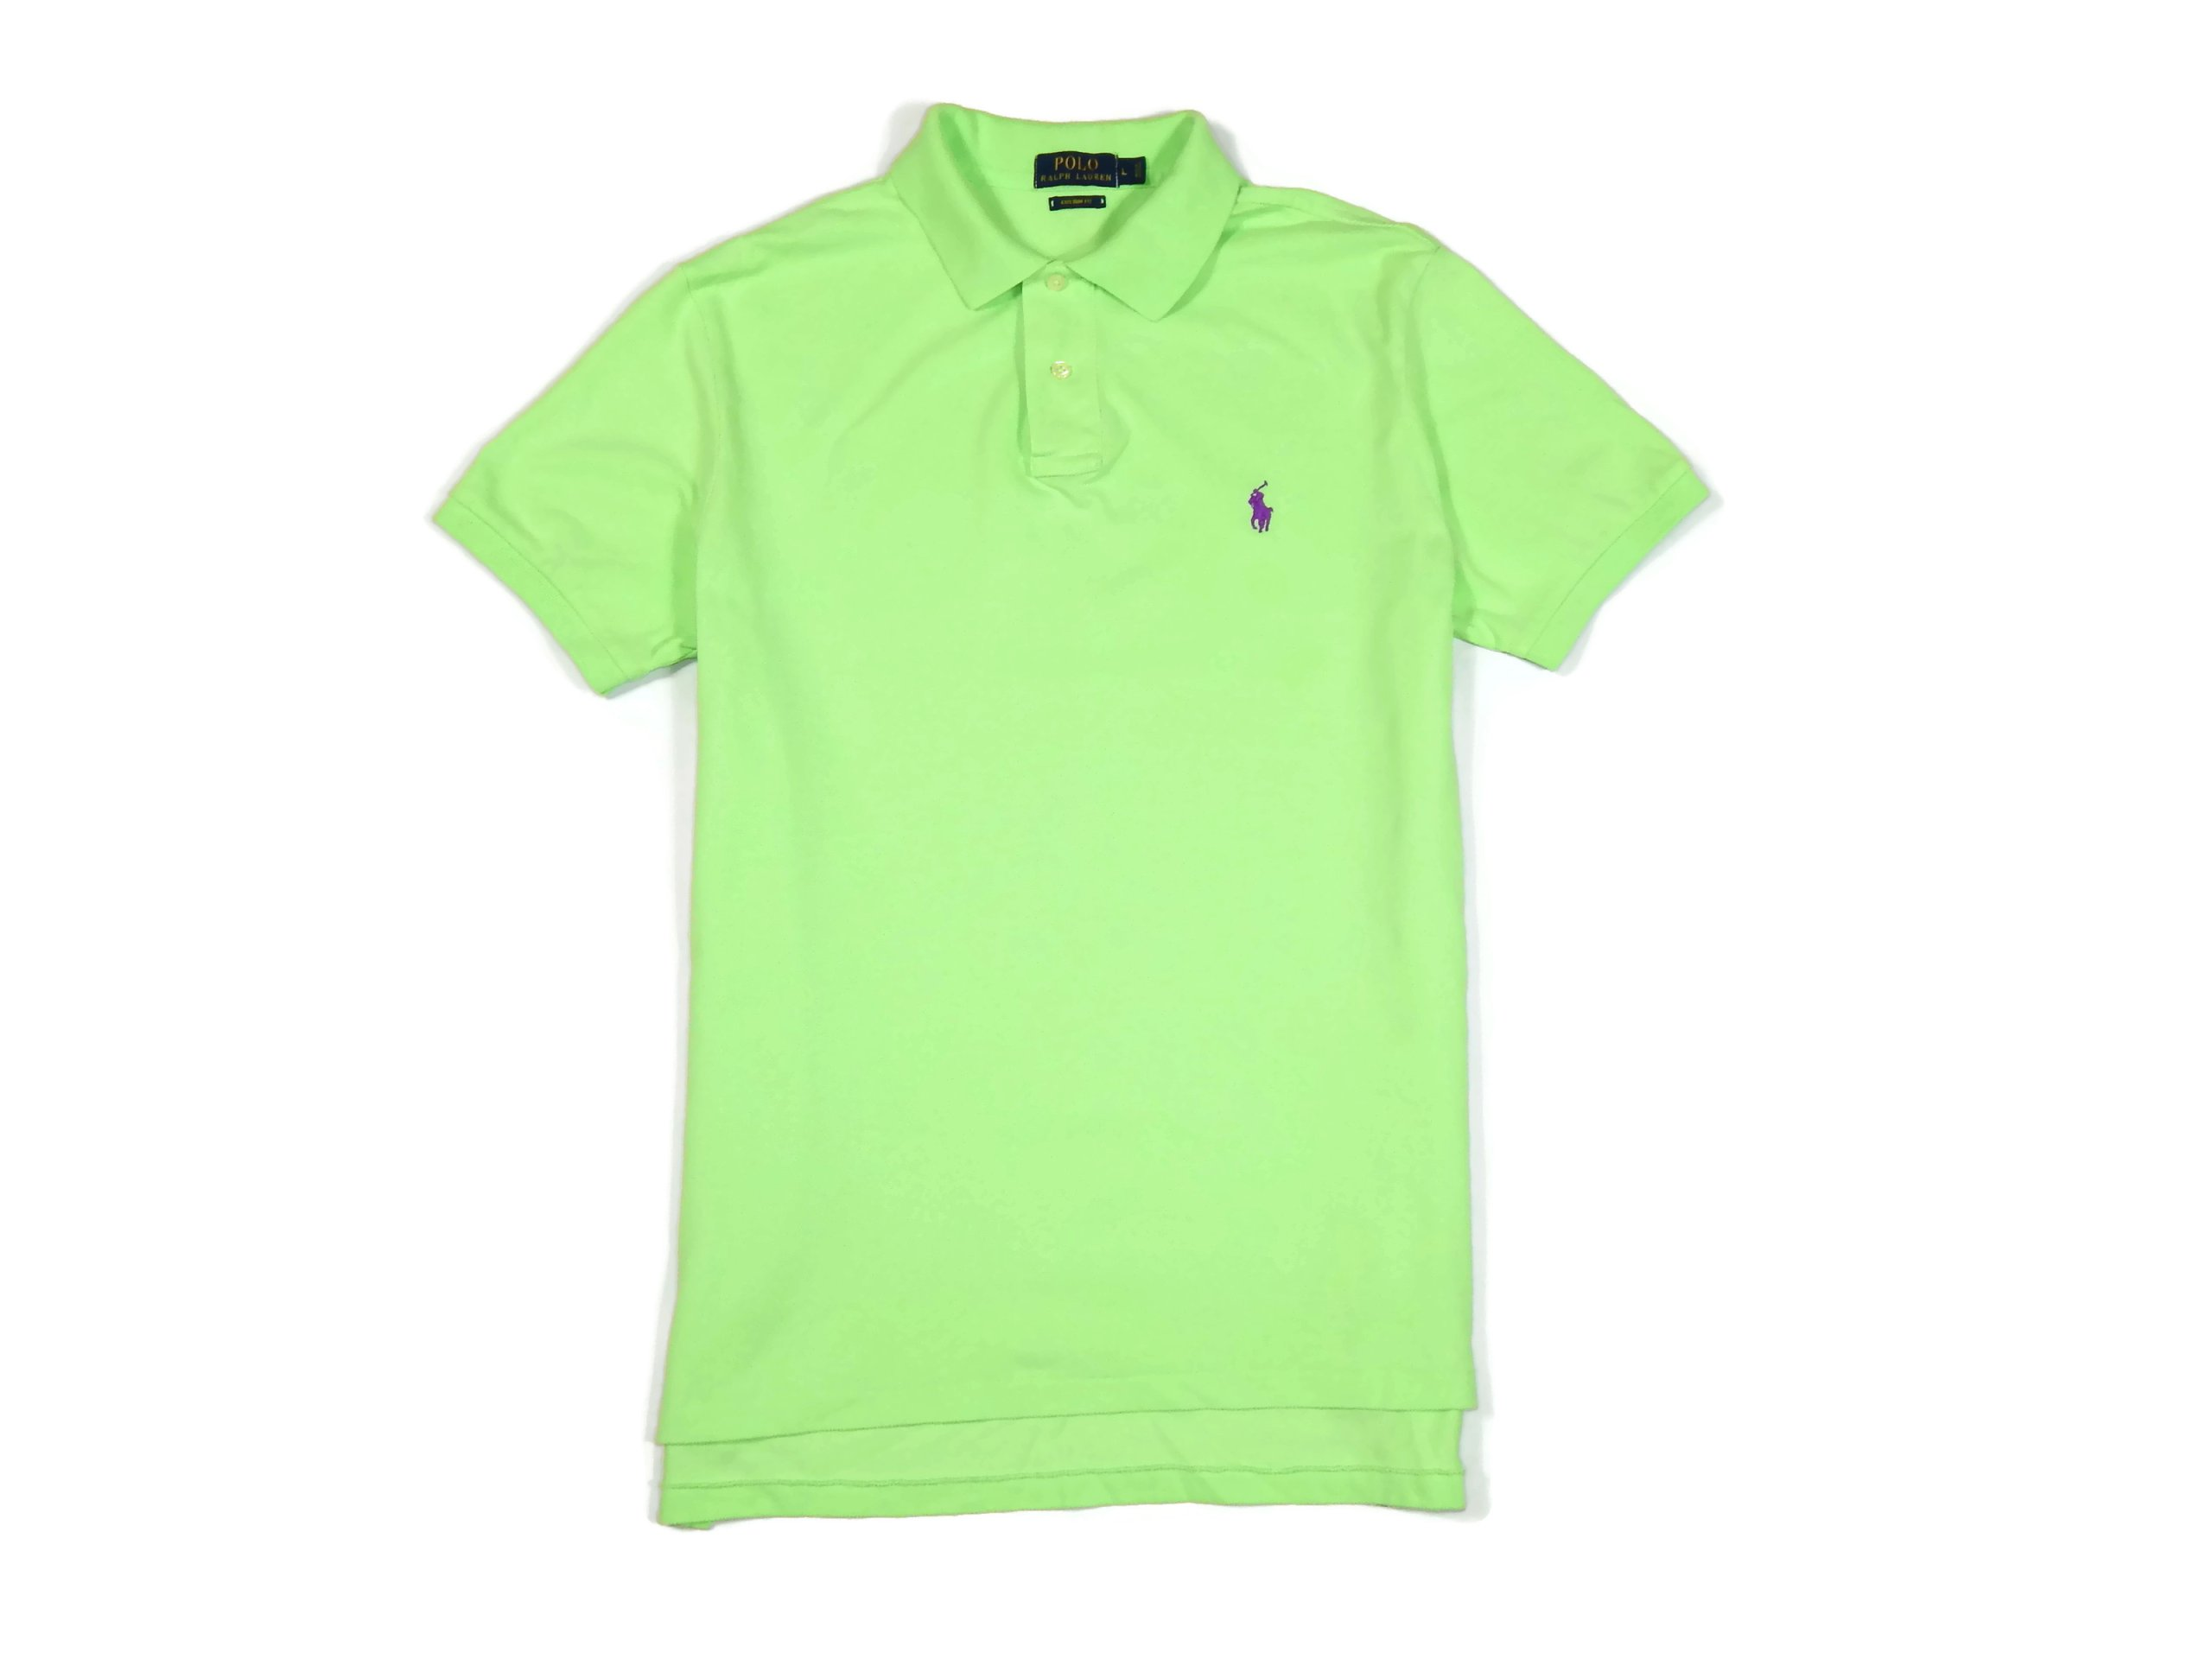 f18ba9f7e1f65f POLO RALPH LAUREN T-SHIRT FIT męskie zielone L 6/6 - 7331926558 ...